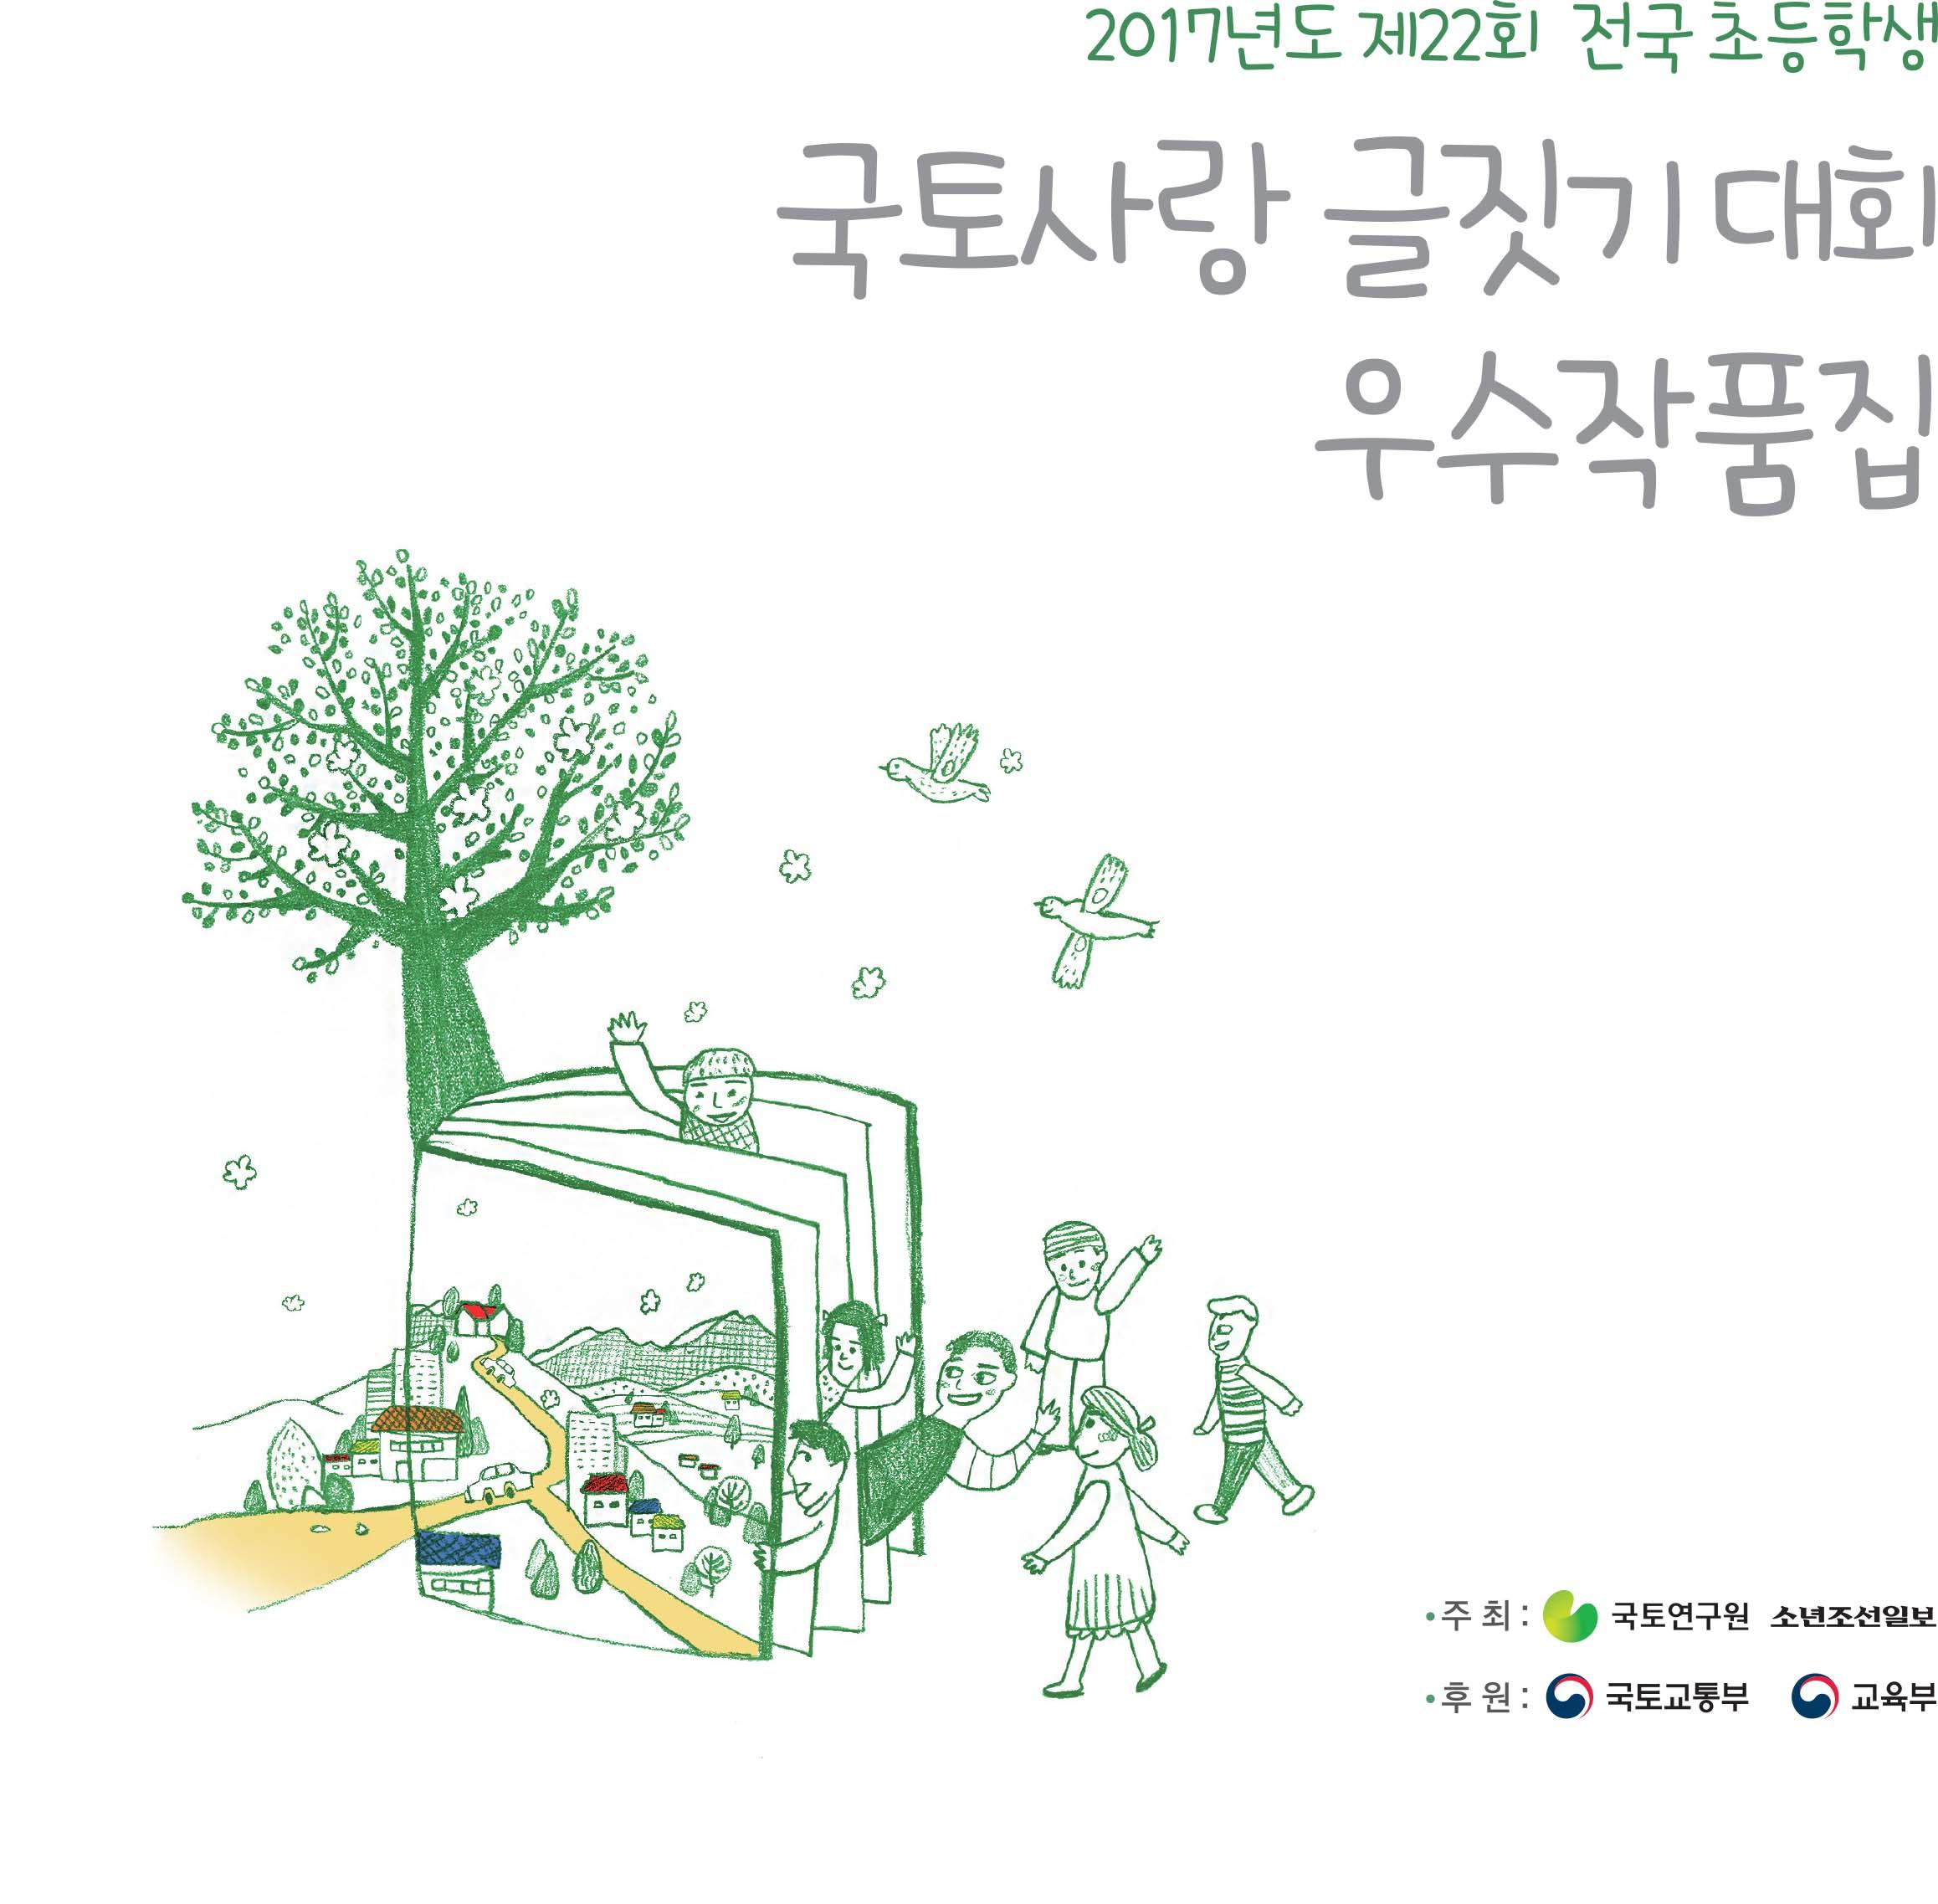 (2017년도 제22회 전국 초등학생) 국토사랑 글짓기 대회 우수작품집표지